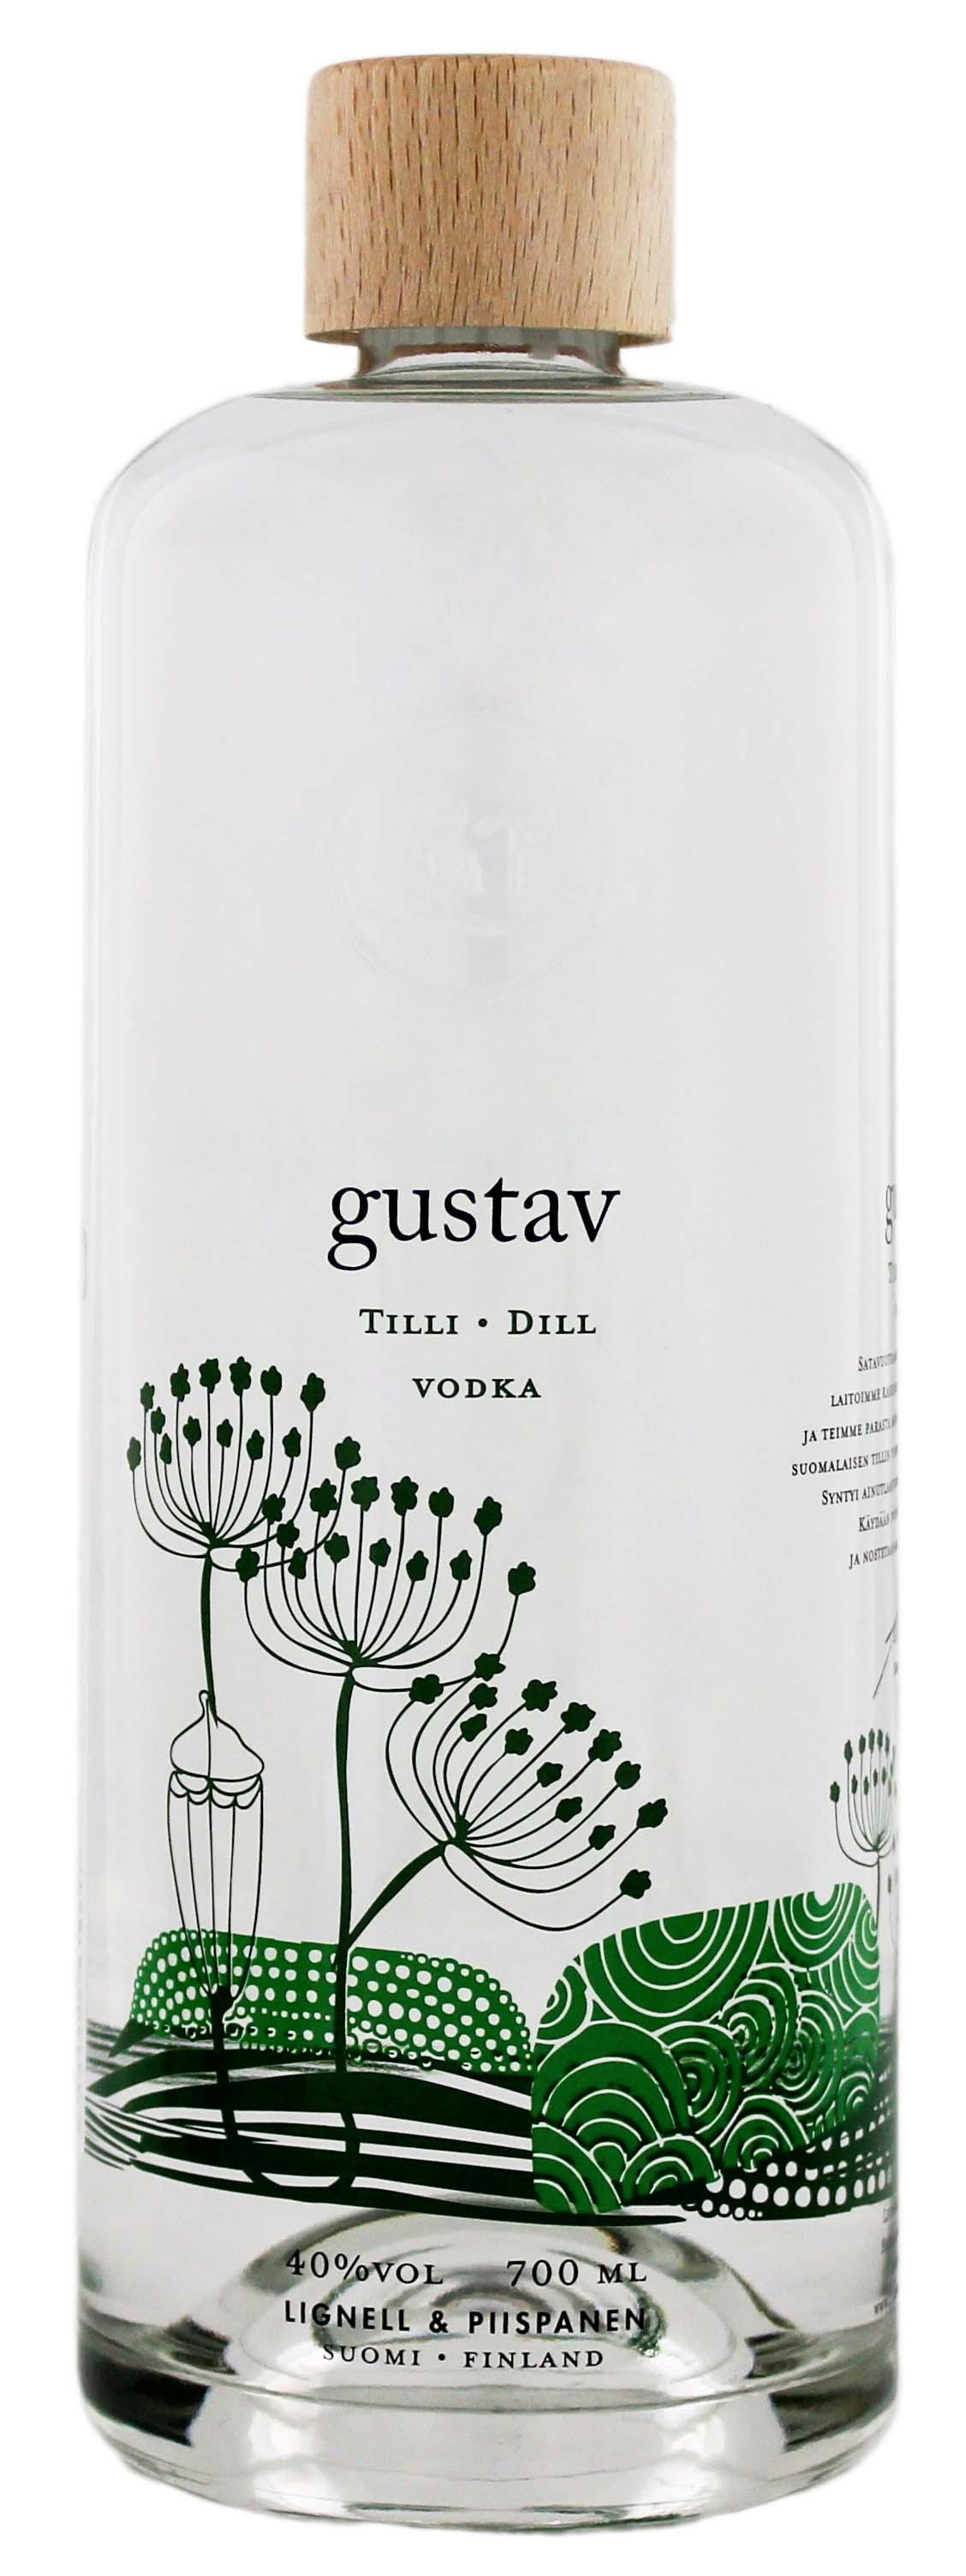 Gustav Tilli/Dill Vodka 0,7L